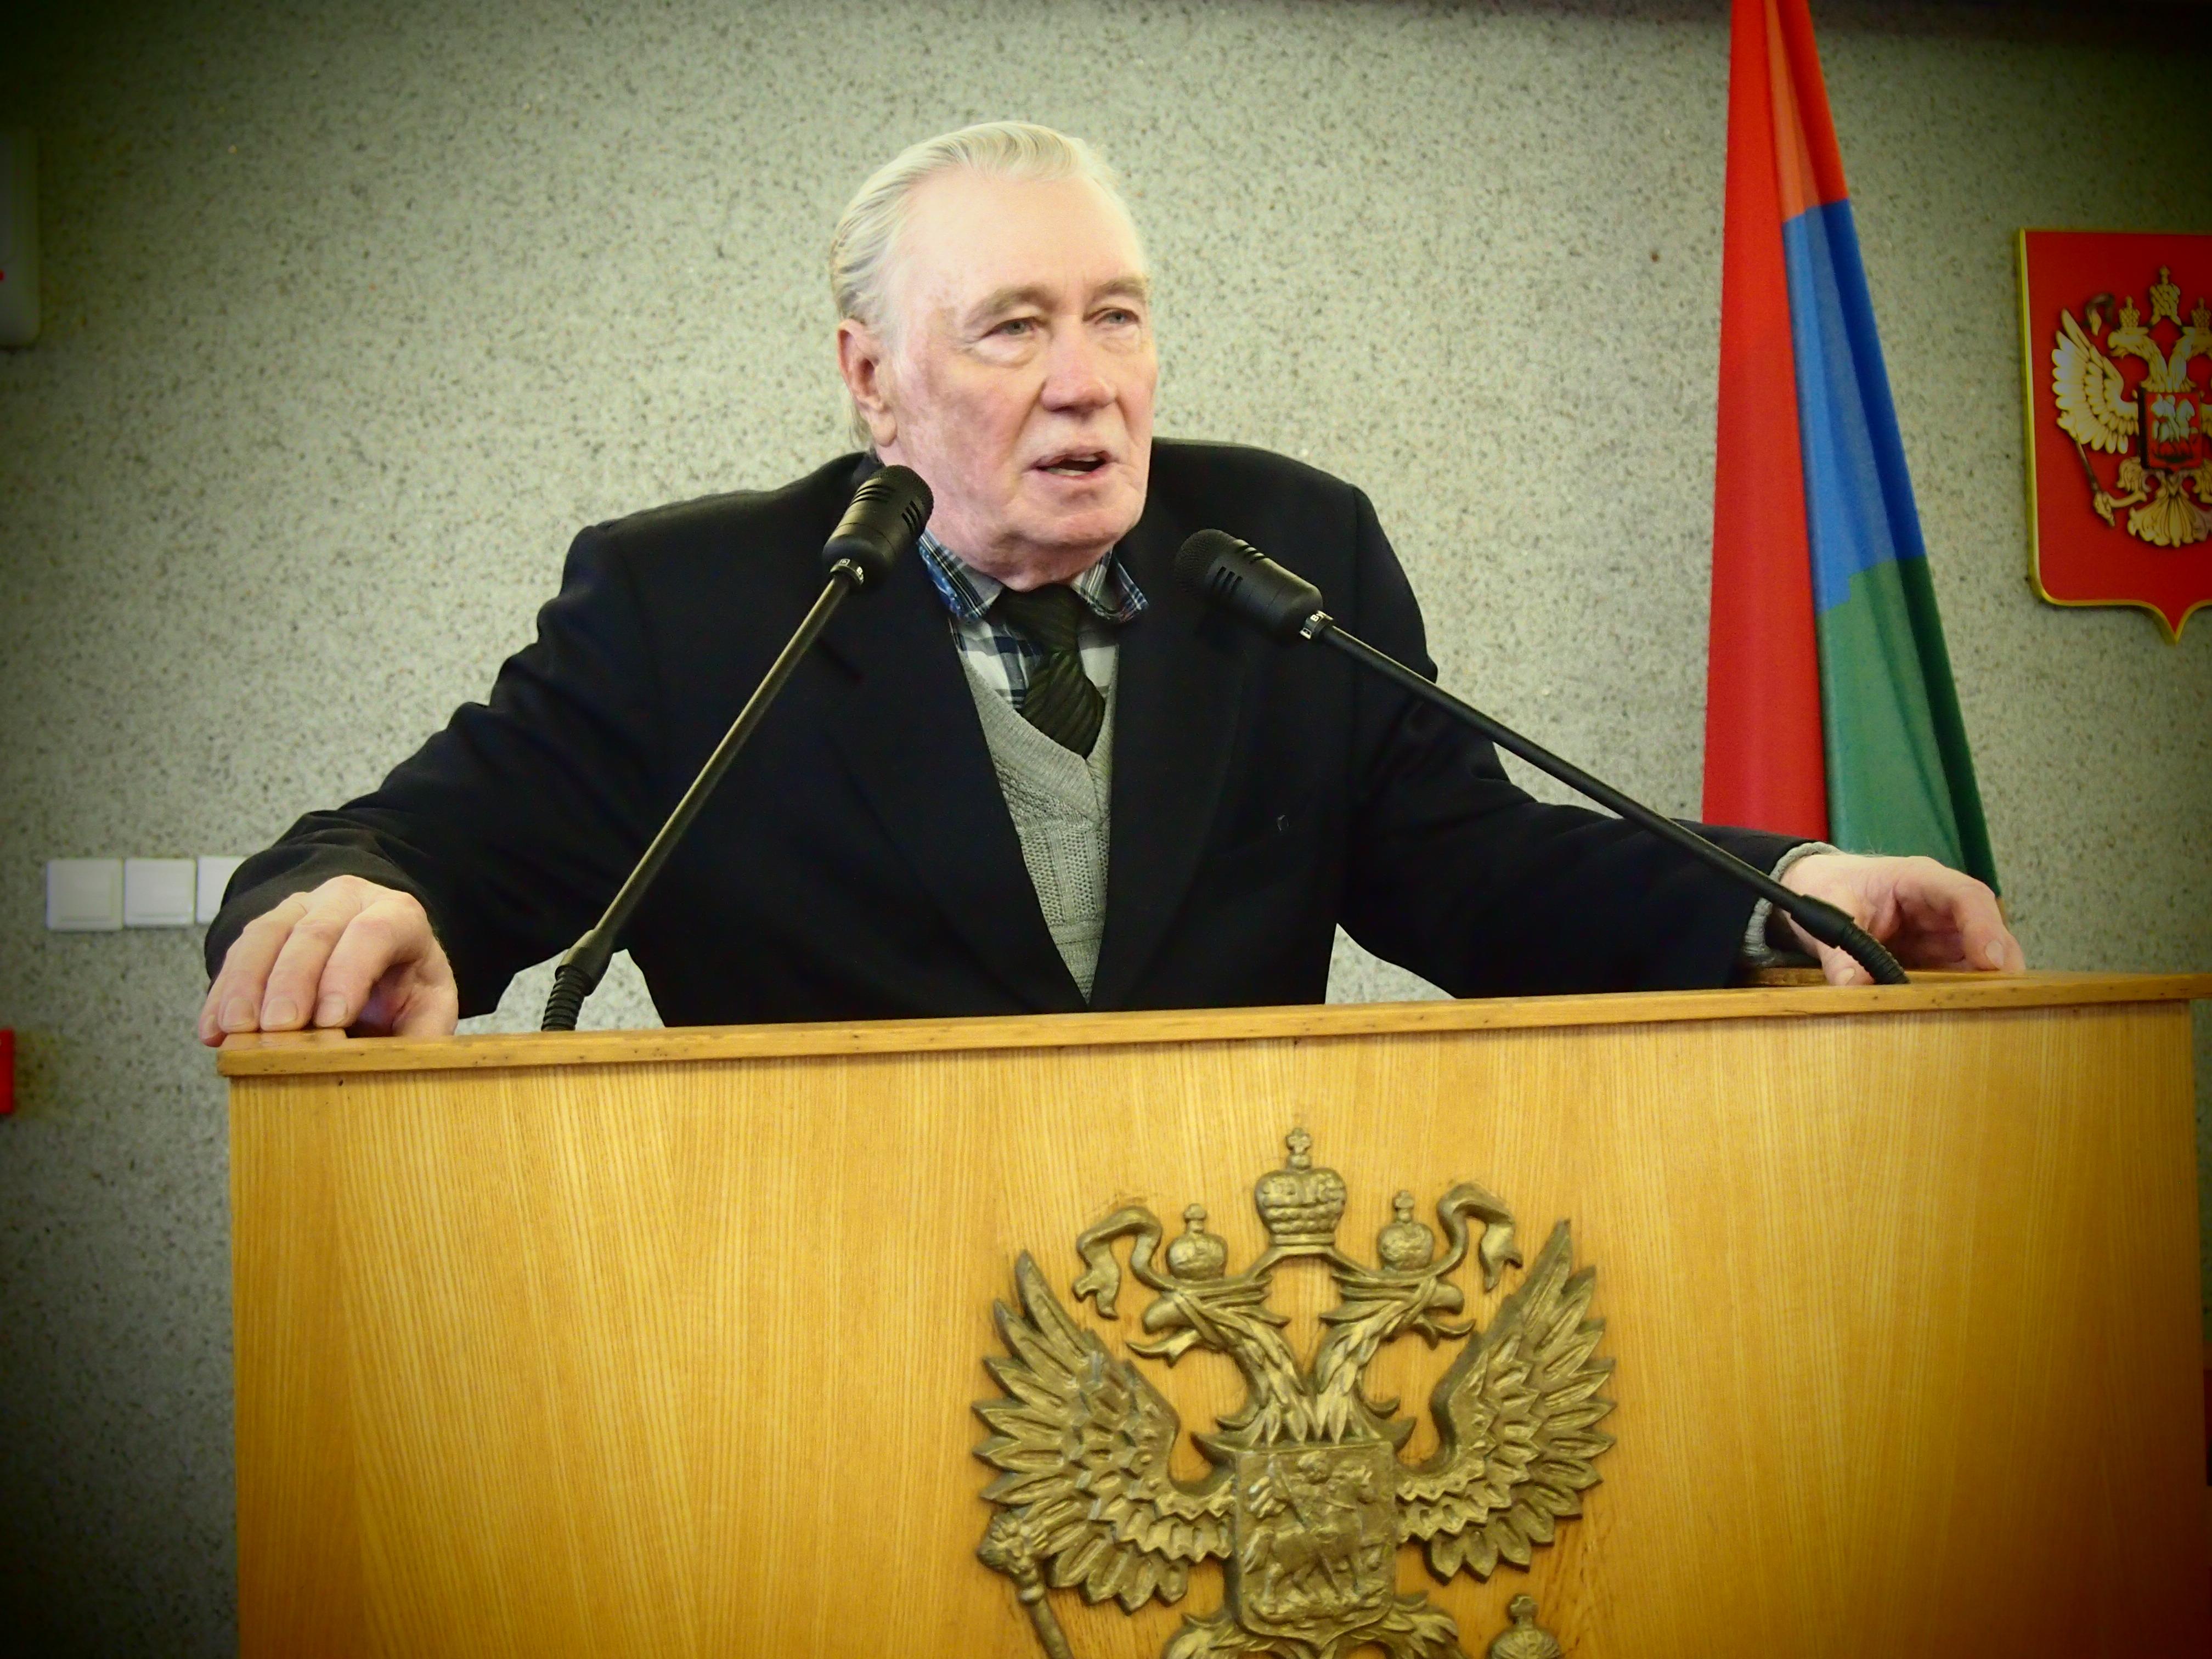 Почетный гражданин Петрозаводска Владимир Бордановский. Фото: Валерий Поташов